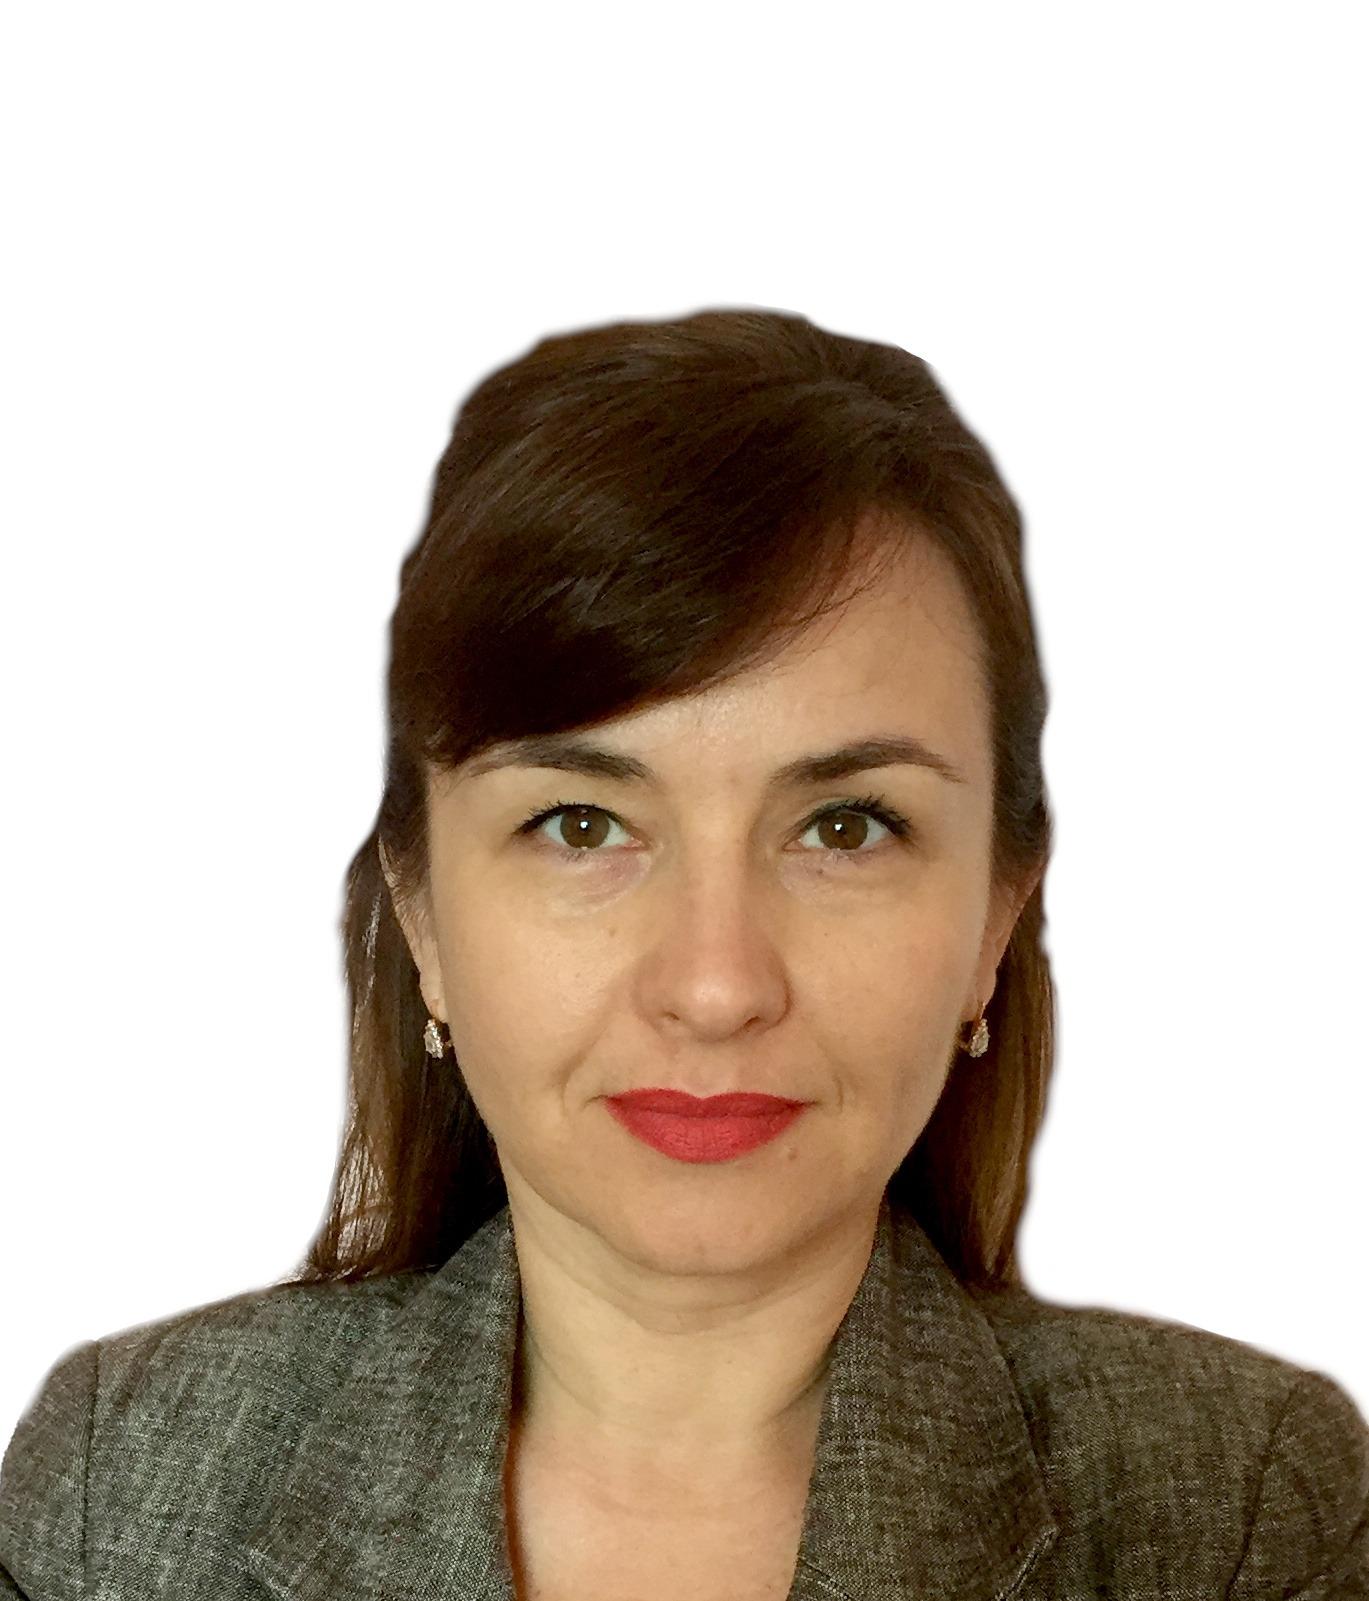 МАКАРЧУК Катерина Олександрівна